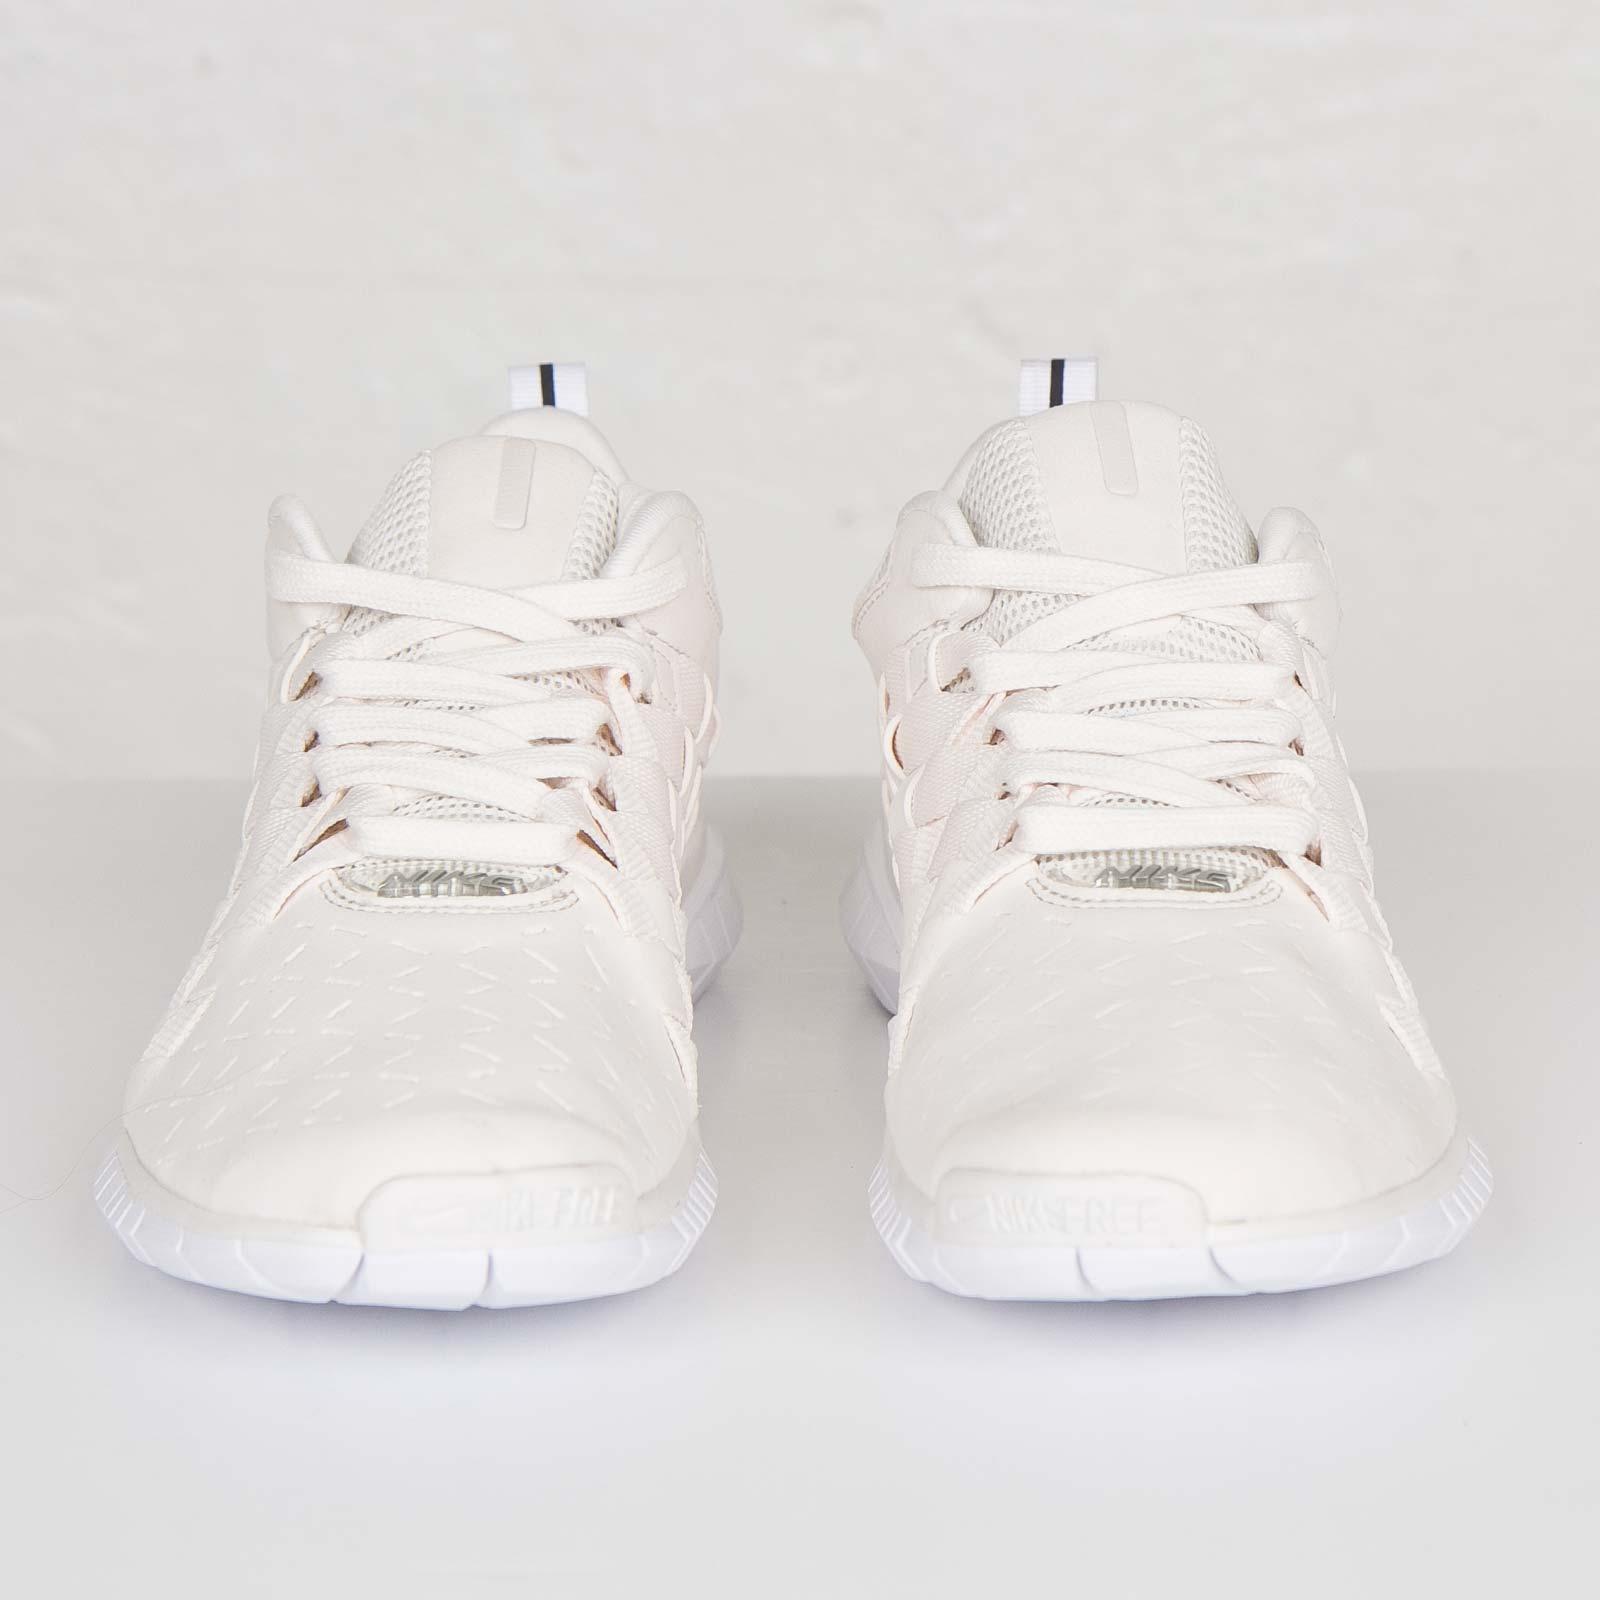 huge selection of 09f27 97b23 Nike Free OG 14 Woven - 725070-011 - Sneakersnstuff   sneakers   streetwear  online since 1999